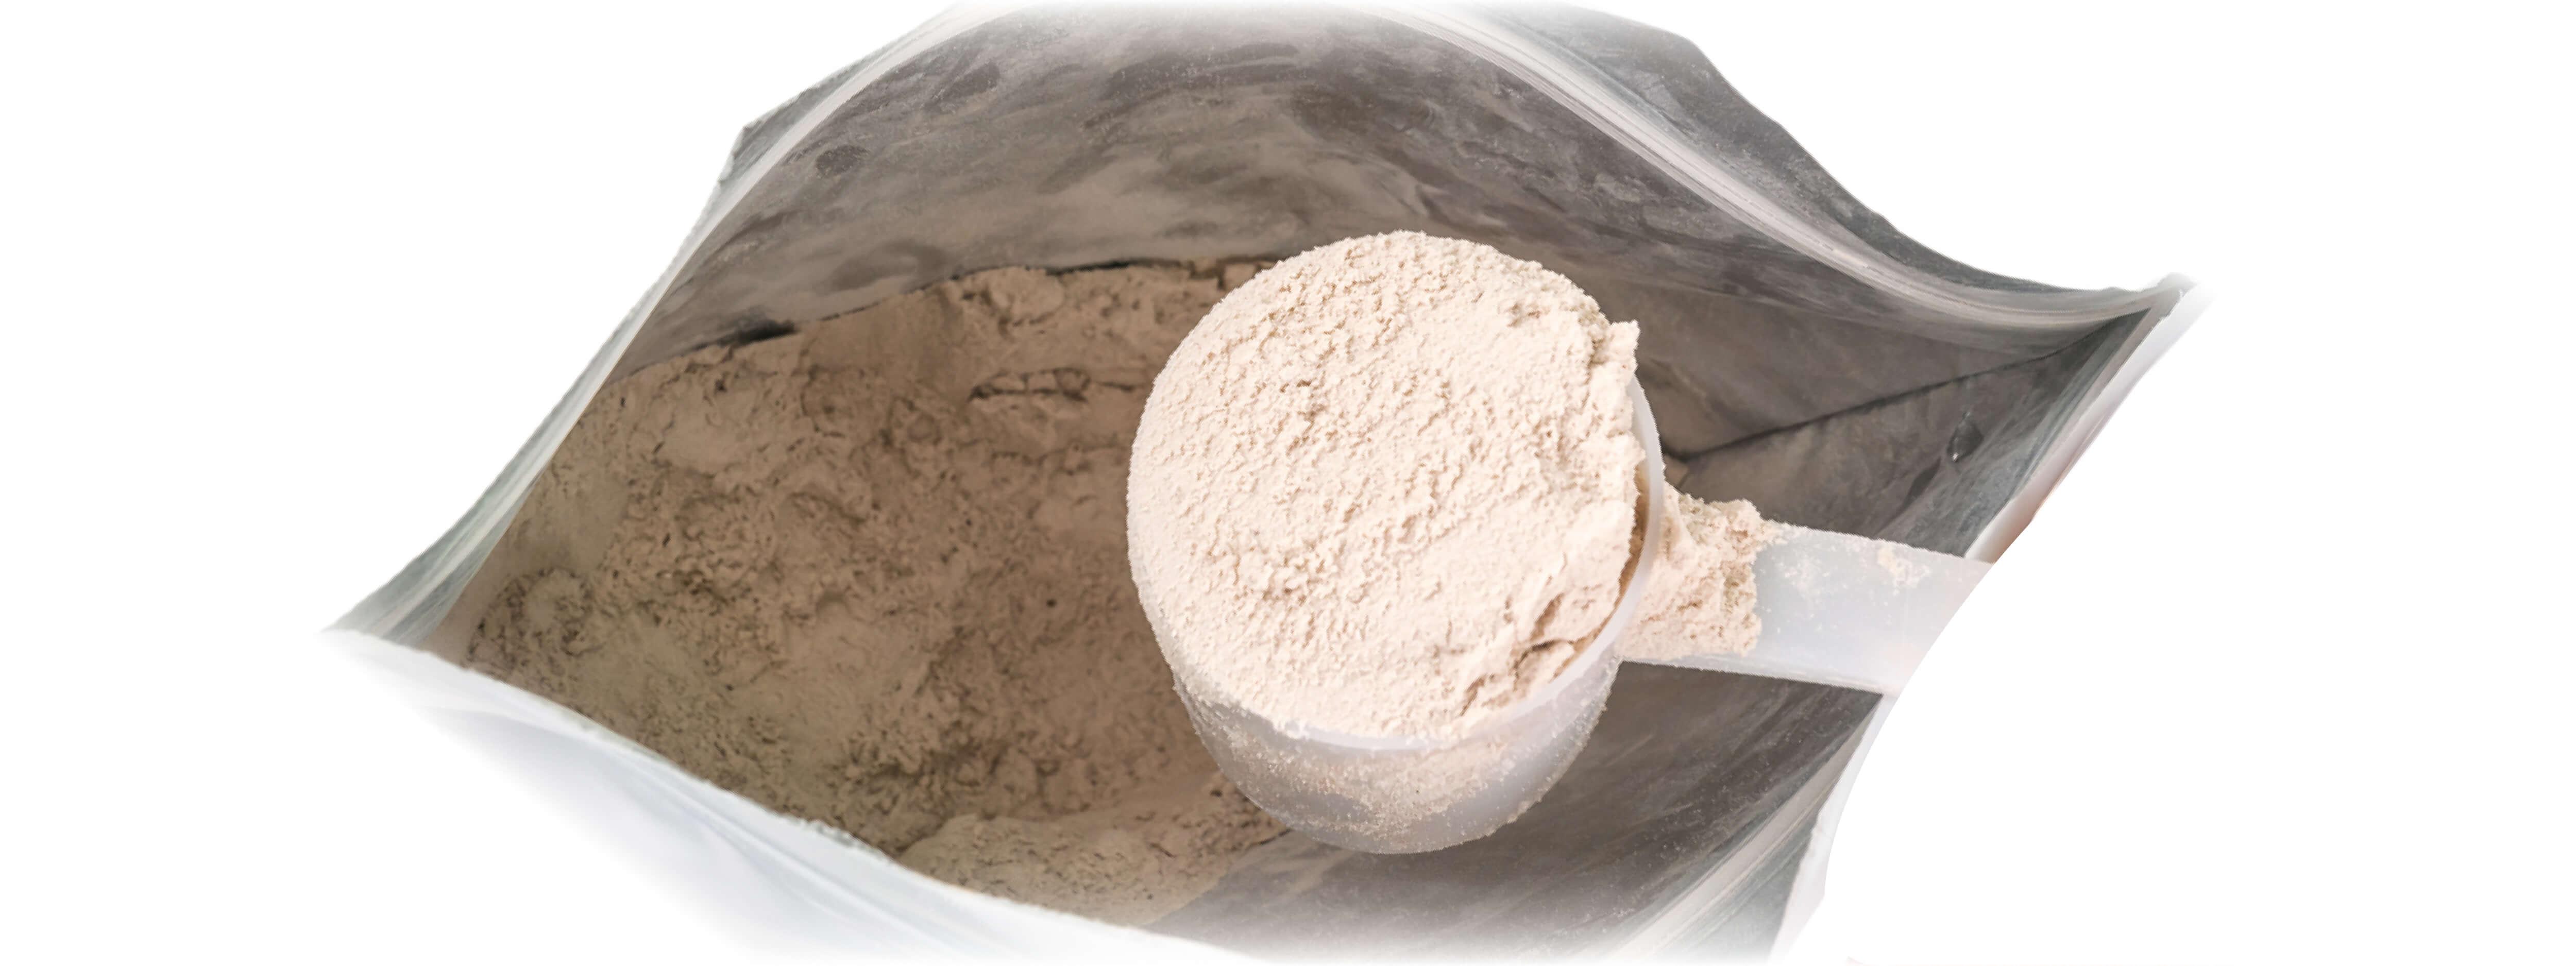 Dry Foods Packaging & Market Capabilities | Kendall Packaging